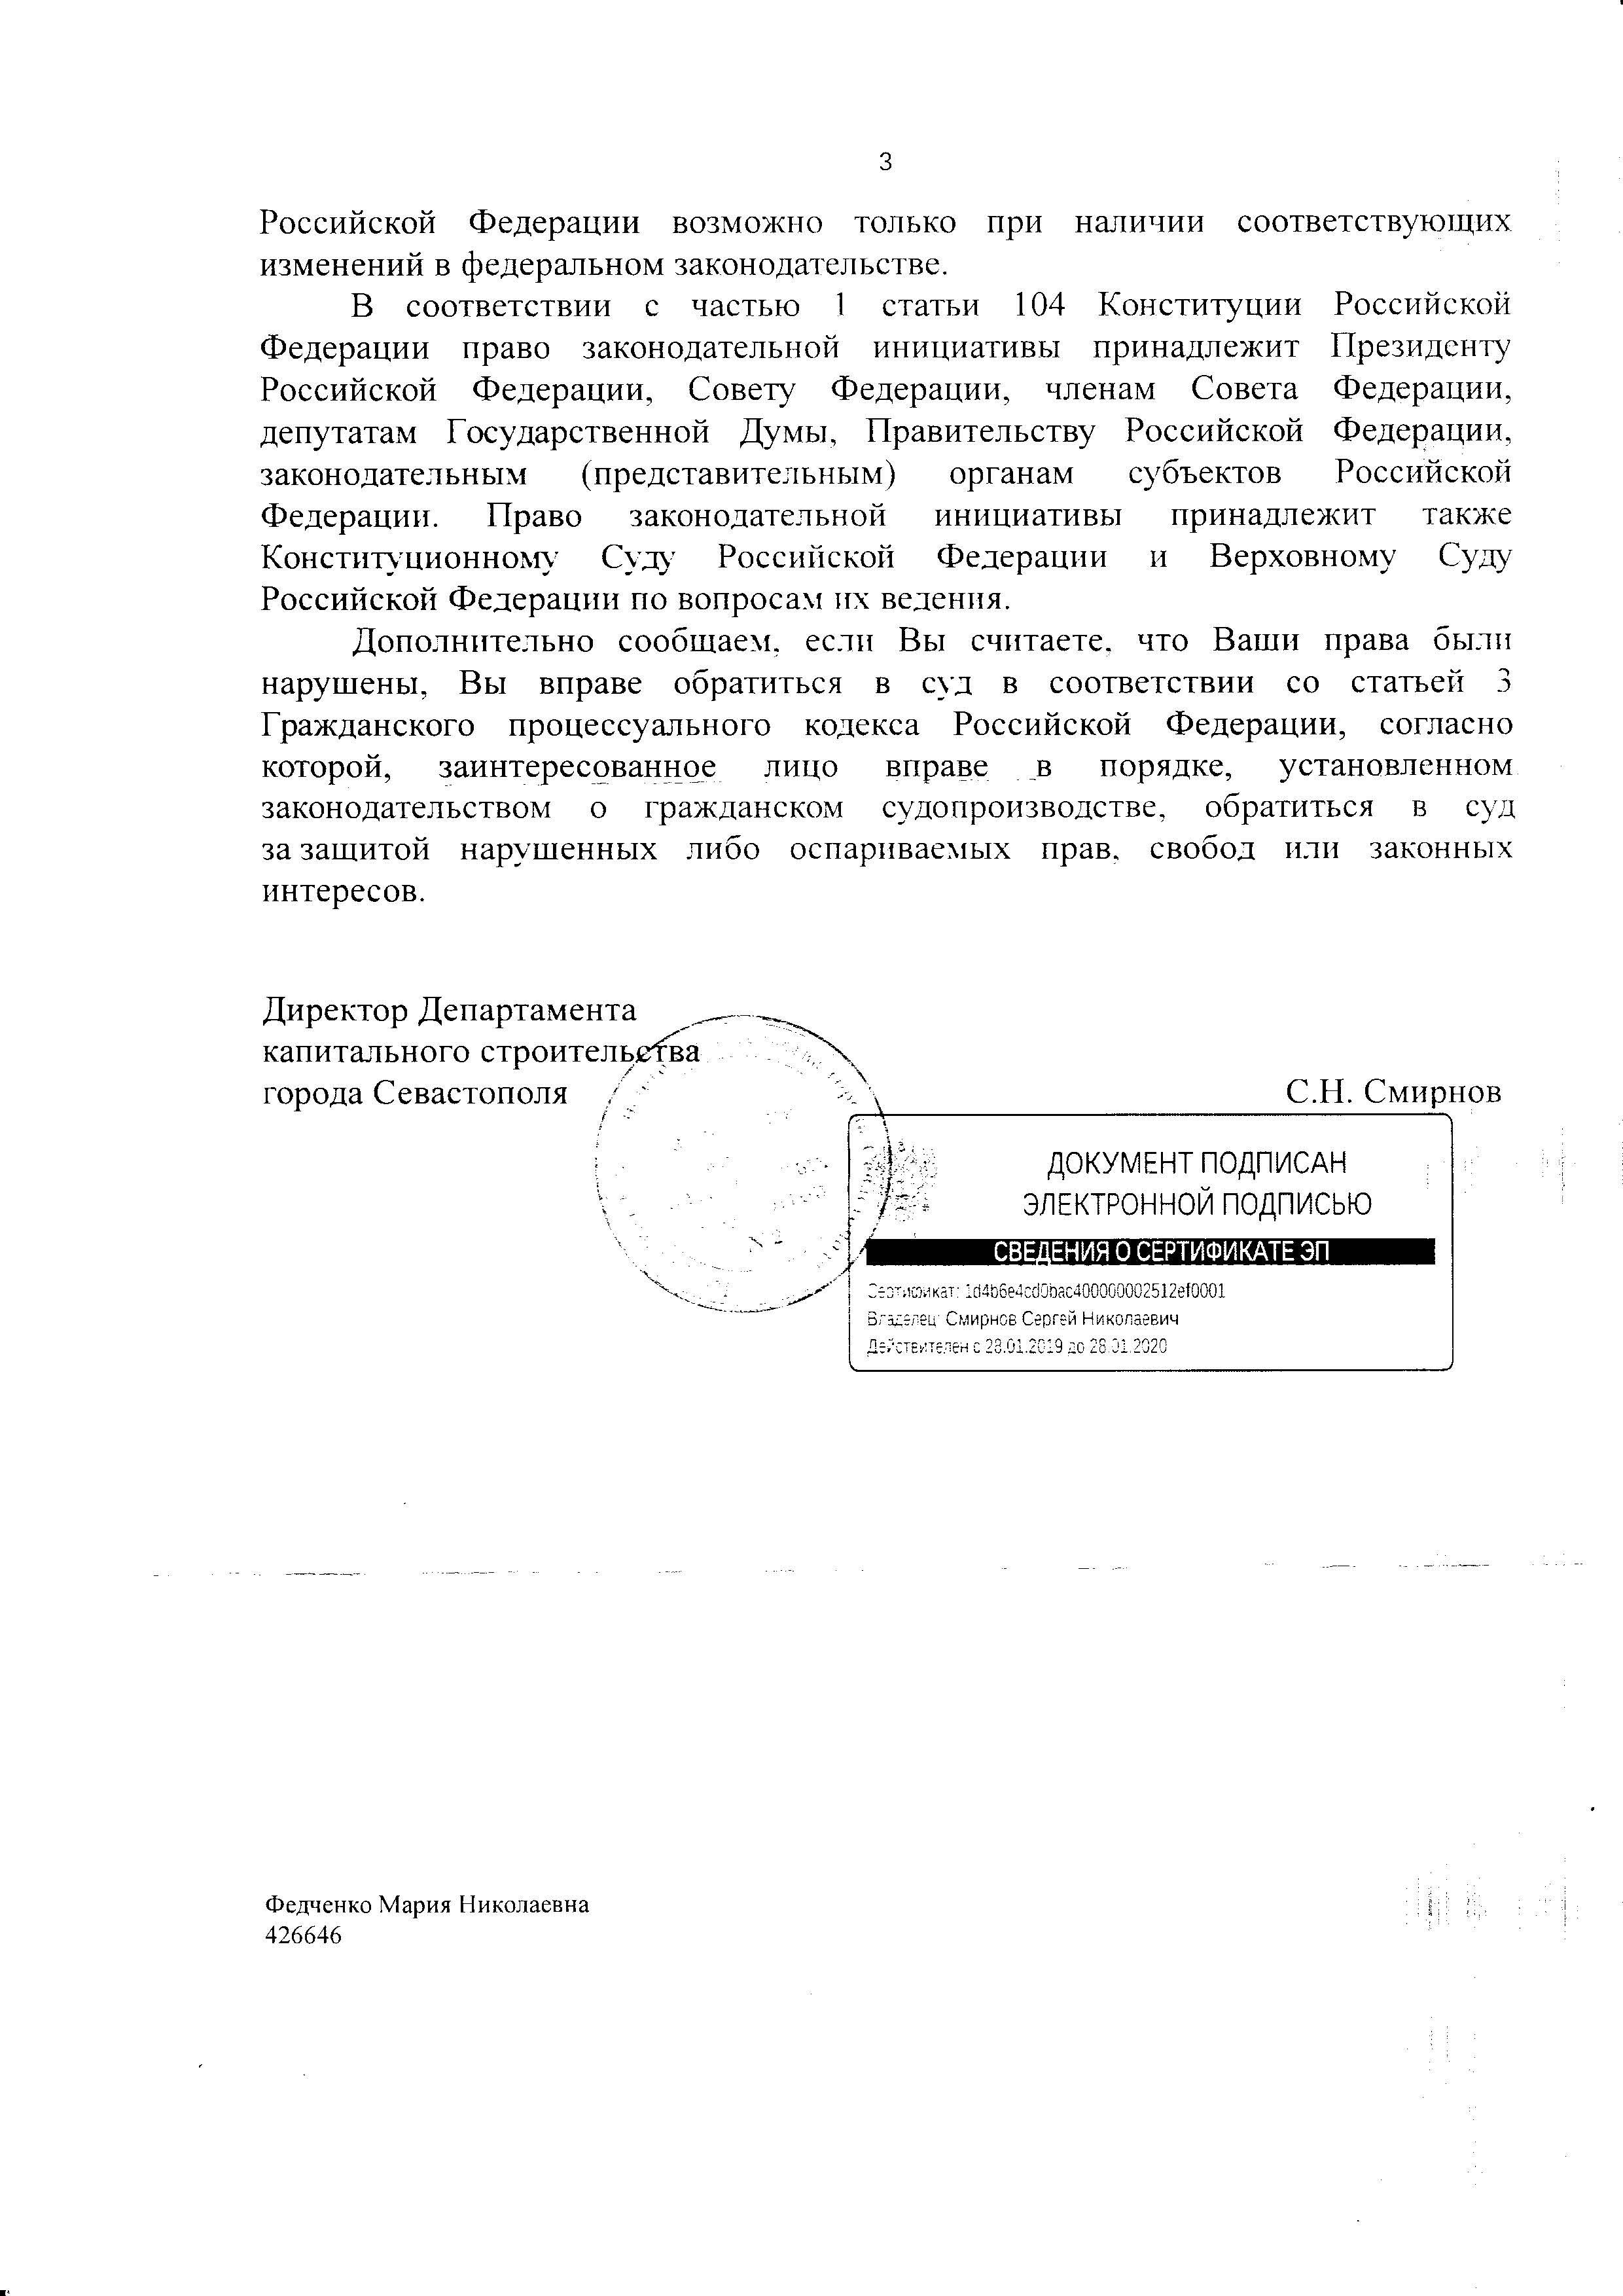 НА ФОРУМ МАРТ_Страница_10.jpg